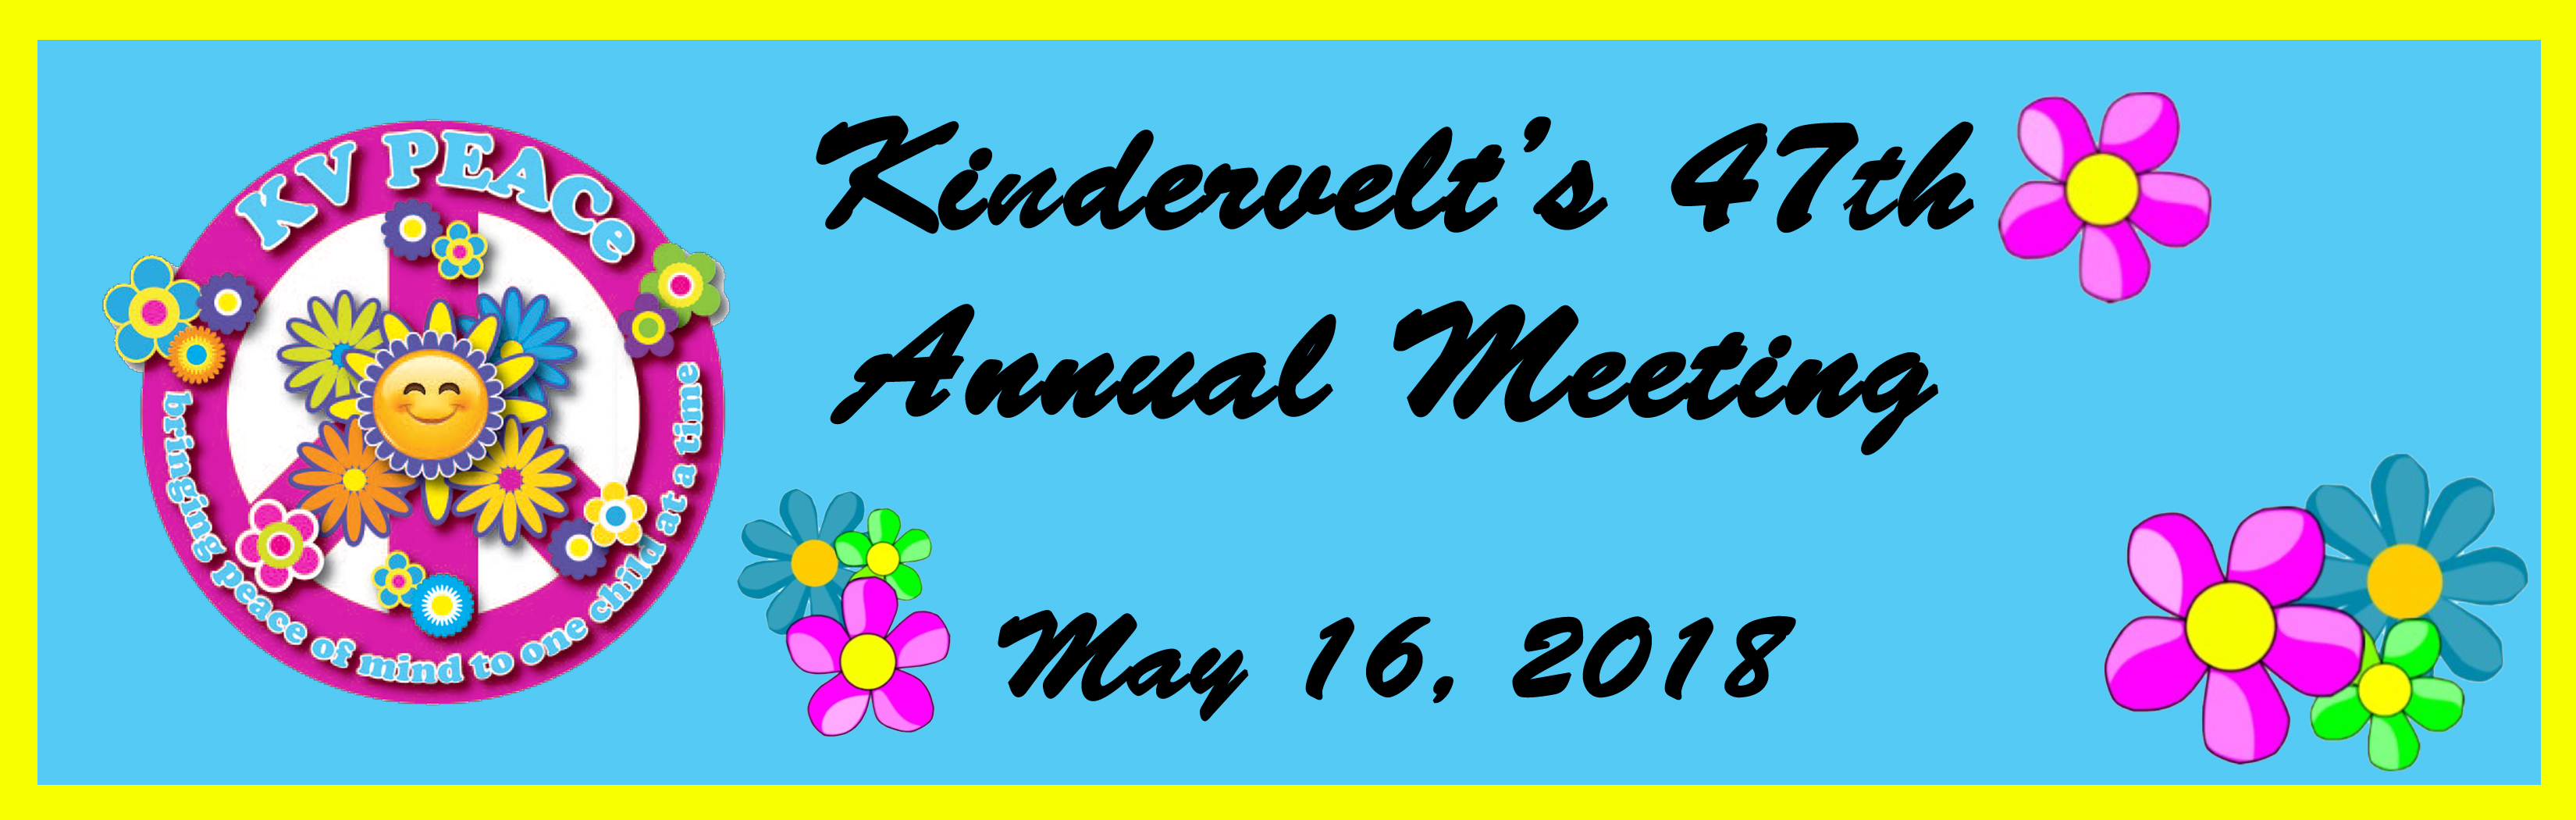 KV Annual Meeting